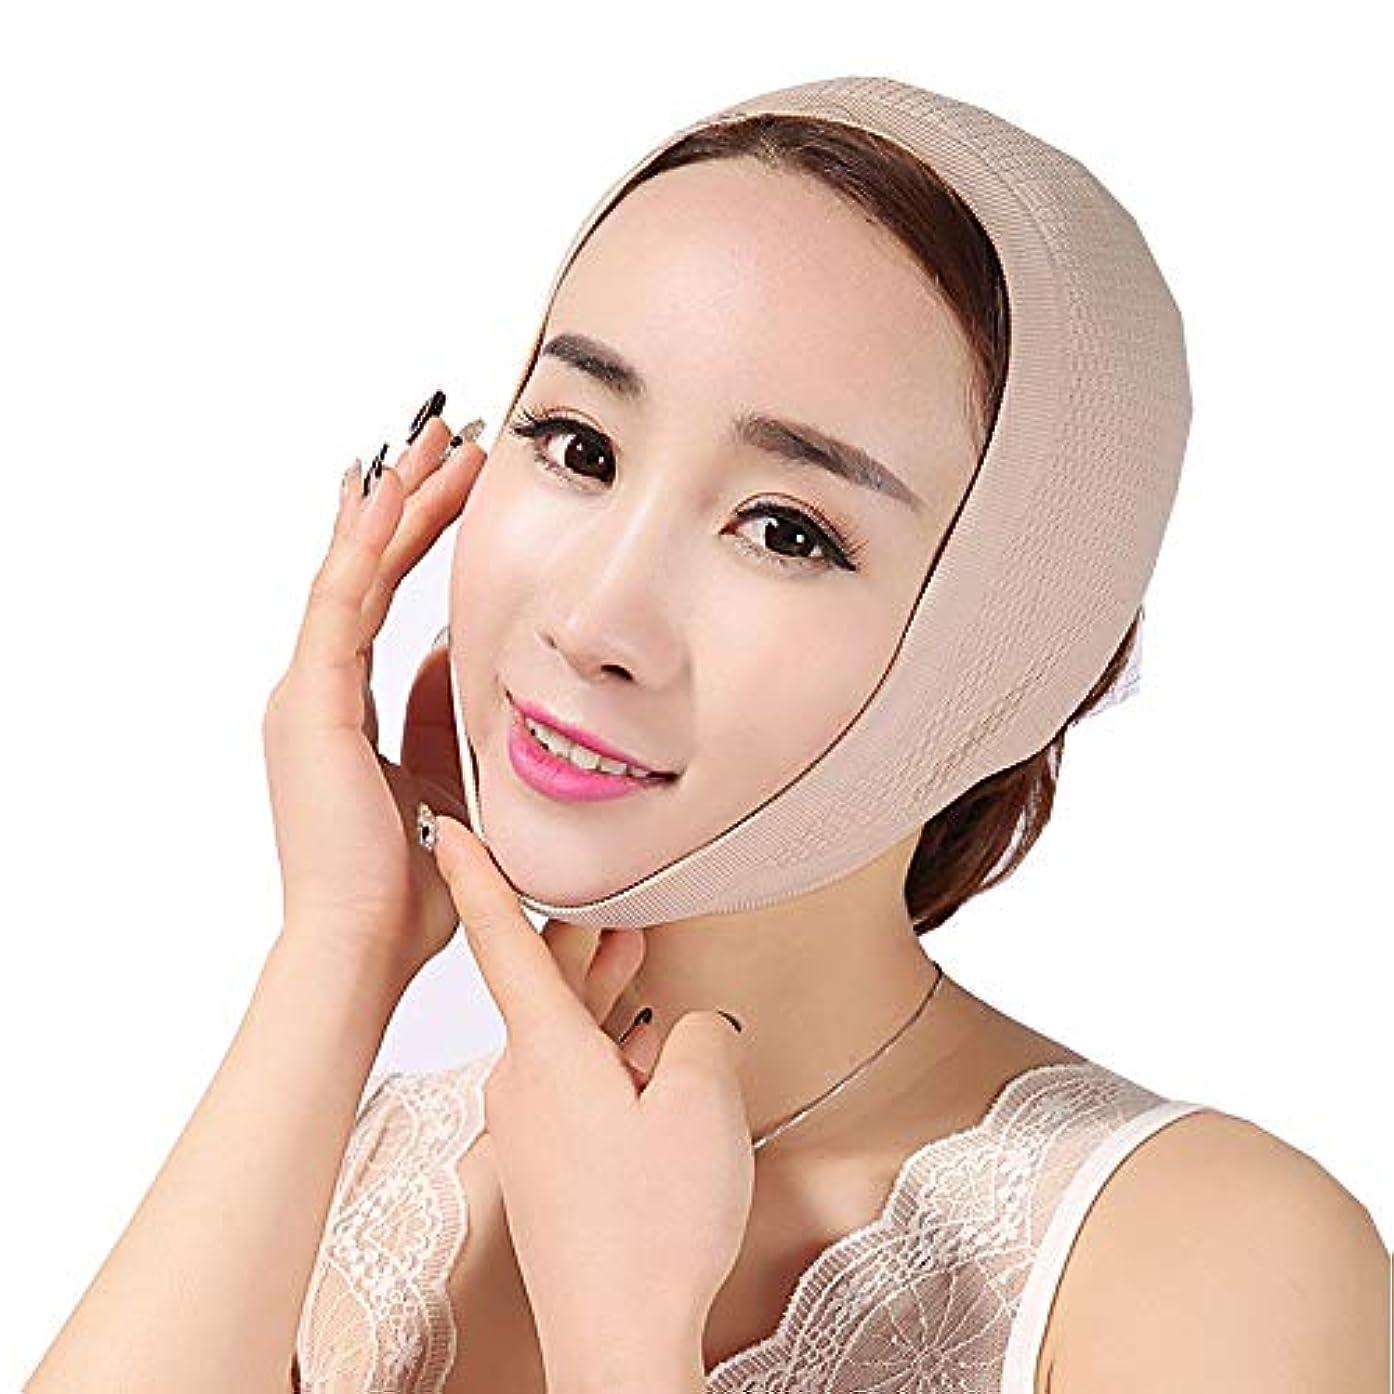 矛盾混沌有力者GYZ フェイスマスクで眠る薄い顔フェイスリフトフェイスリフトアーティファクトスモールフェイスVフェイスリフト付きフェイスフェイス包帯引き上げジョーセット Thin Face Belt